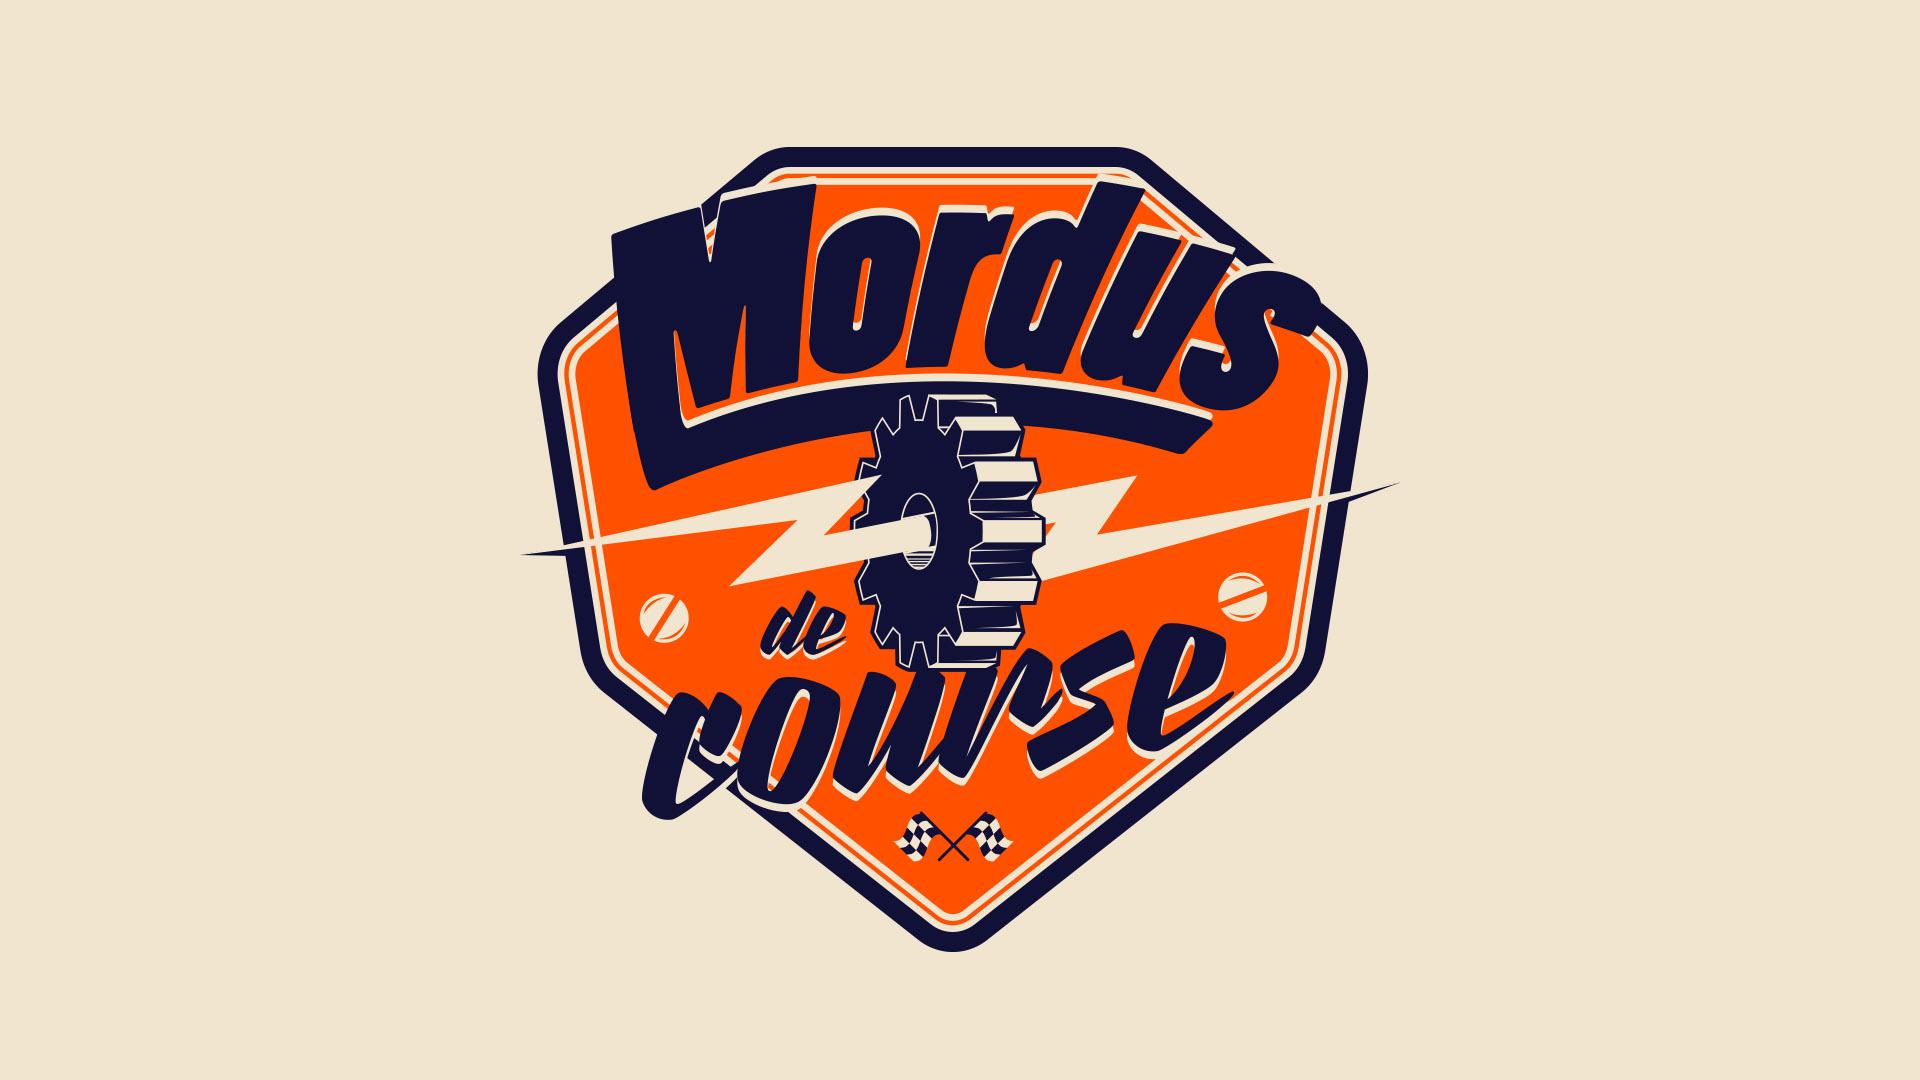 Mordus de course (alt)